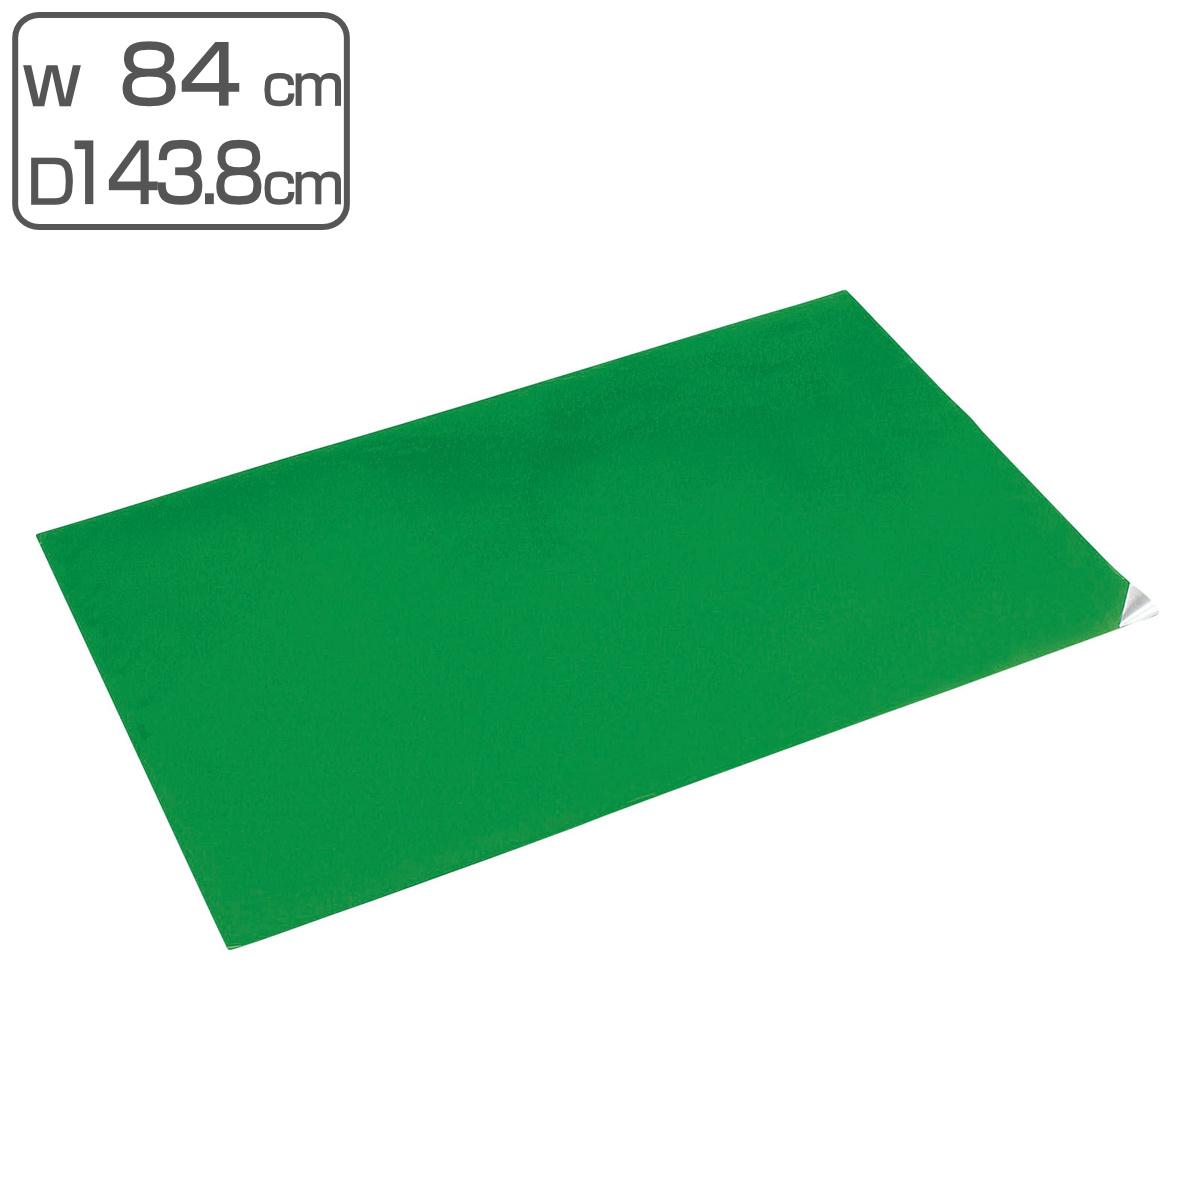 粘着マットDP-2 840×1438 ディスポーザブルタイプ (山崎産業 送料無料 )